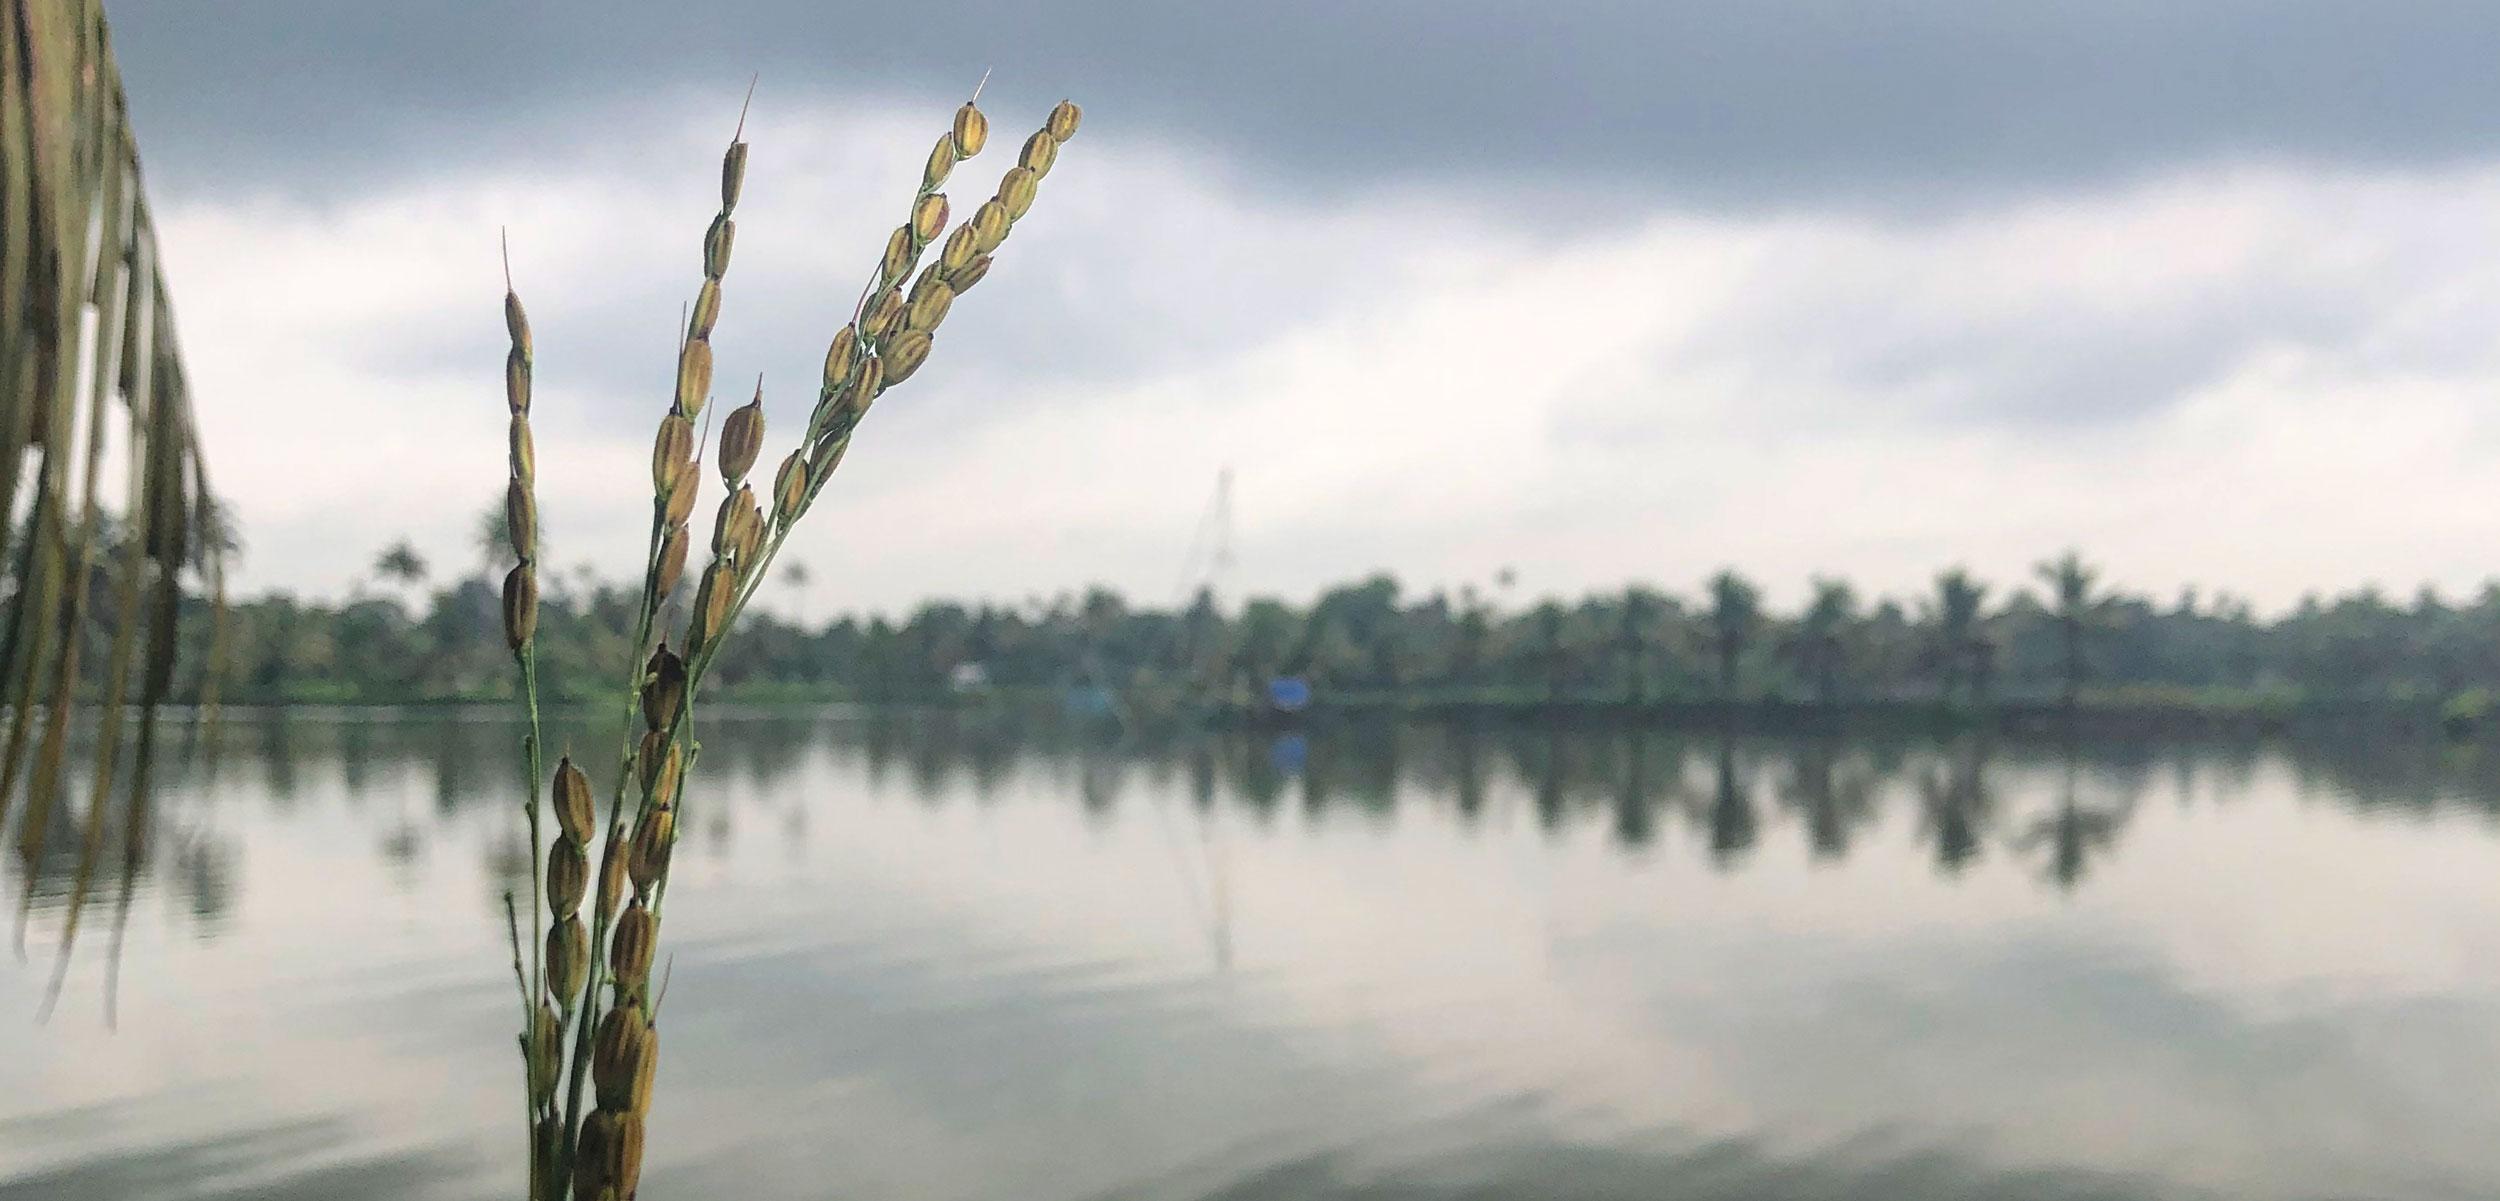 pokkali rice paddy